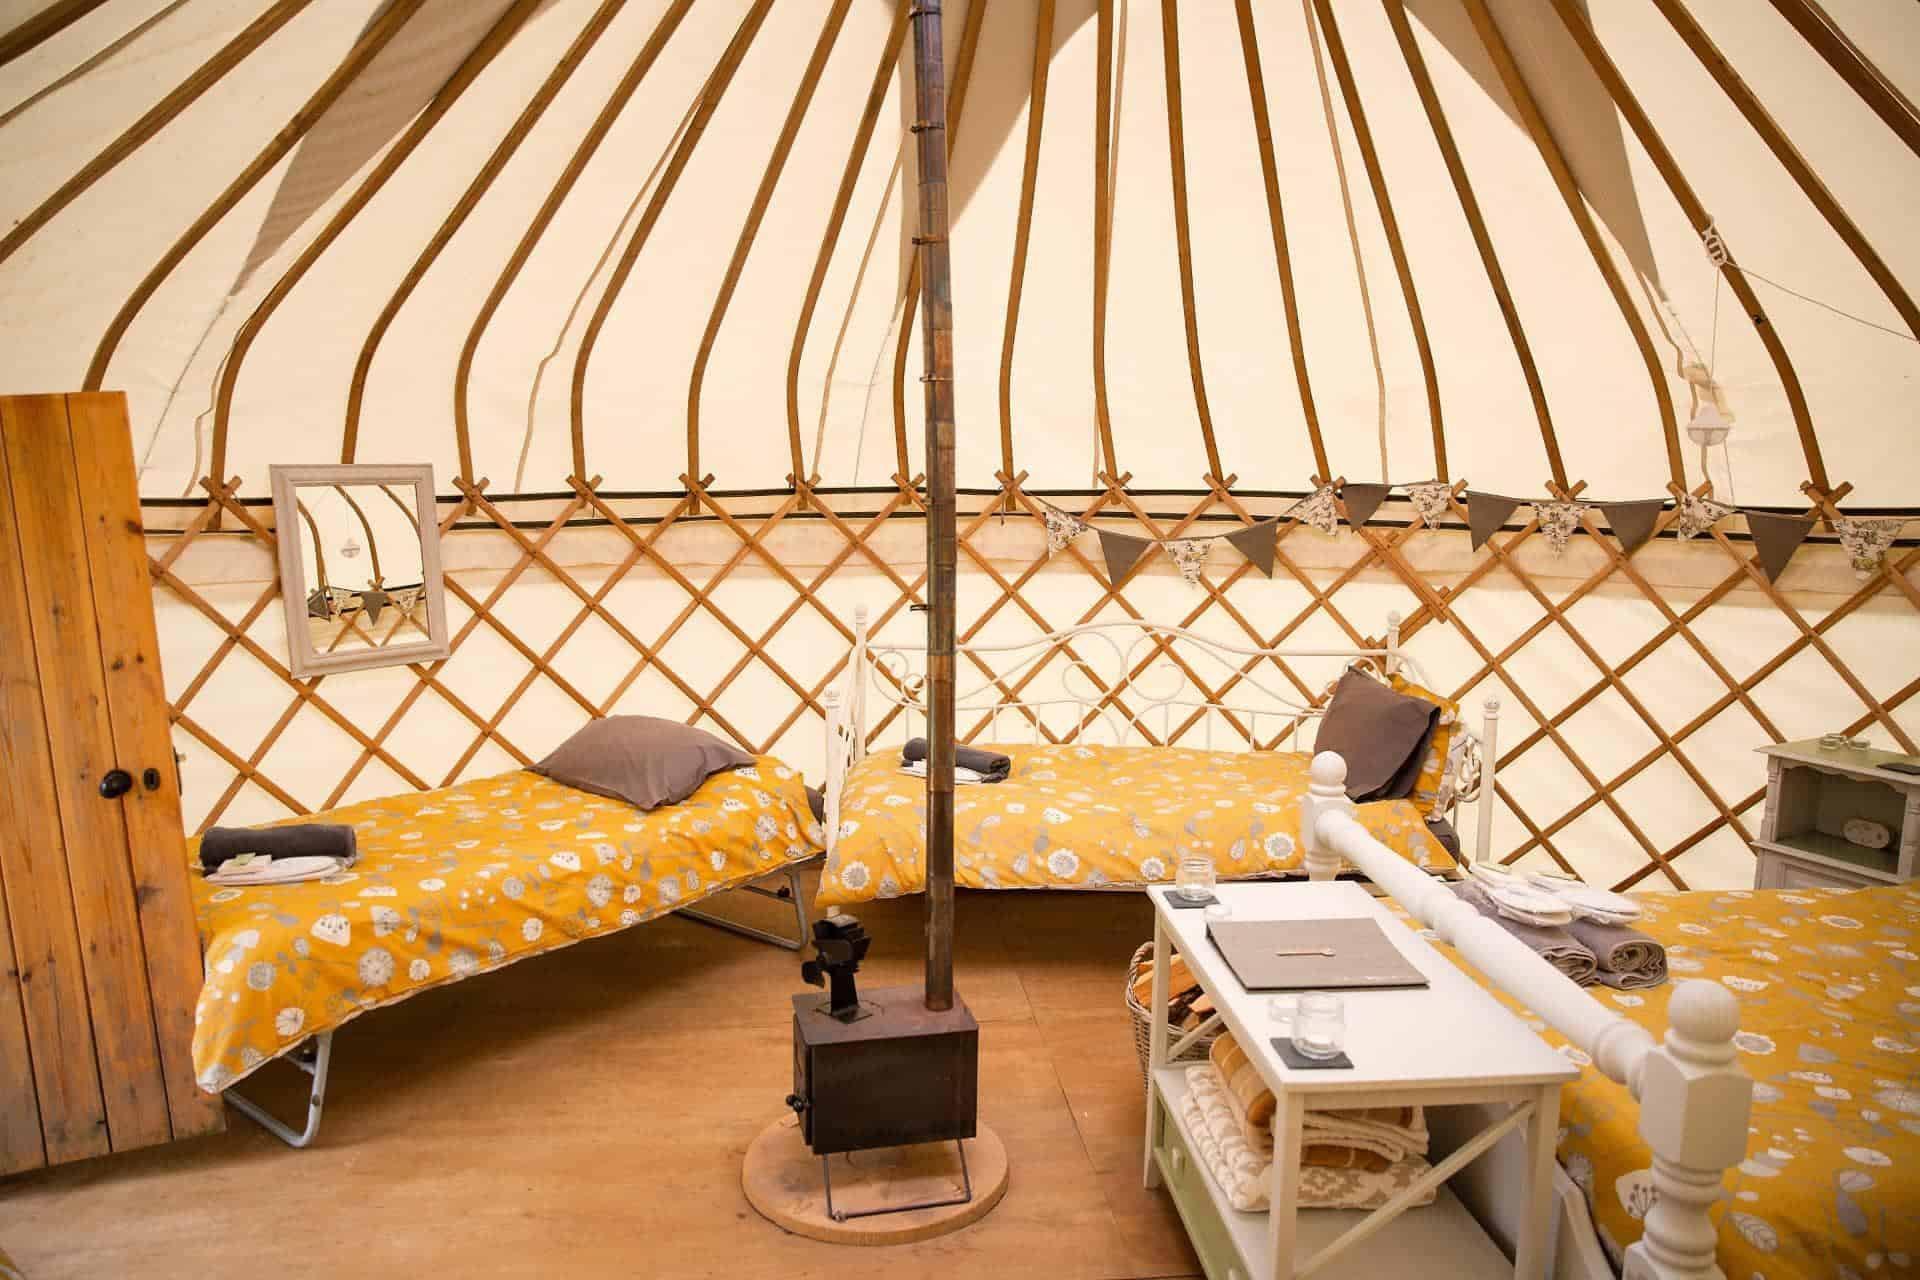 Country Bumpkin Yurts Dog Friendly